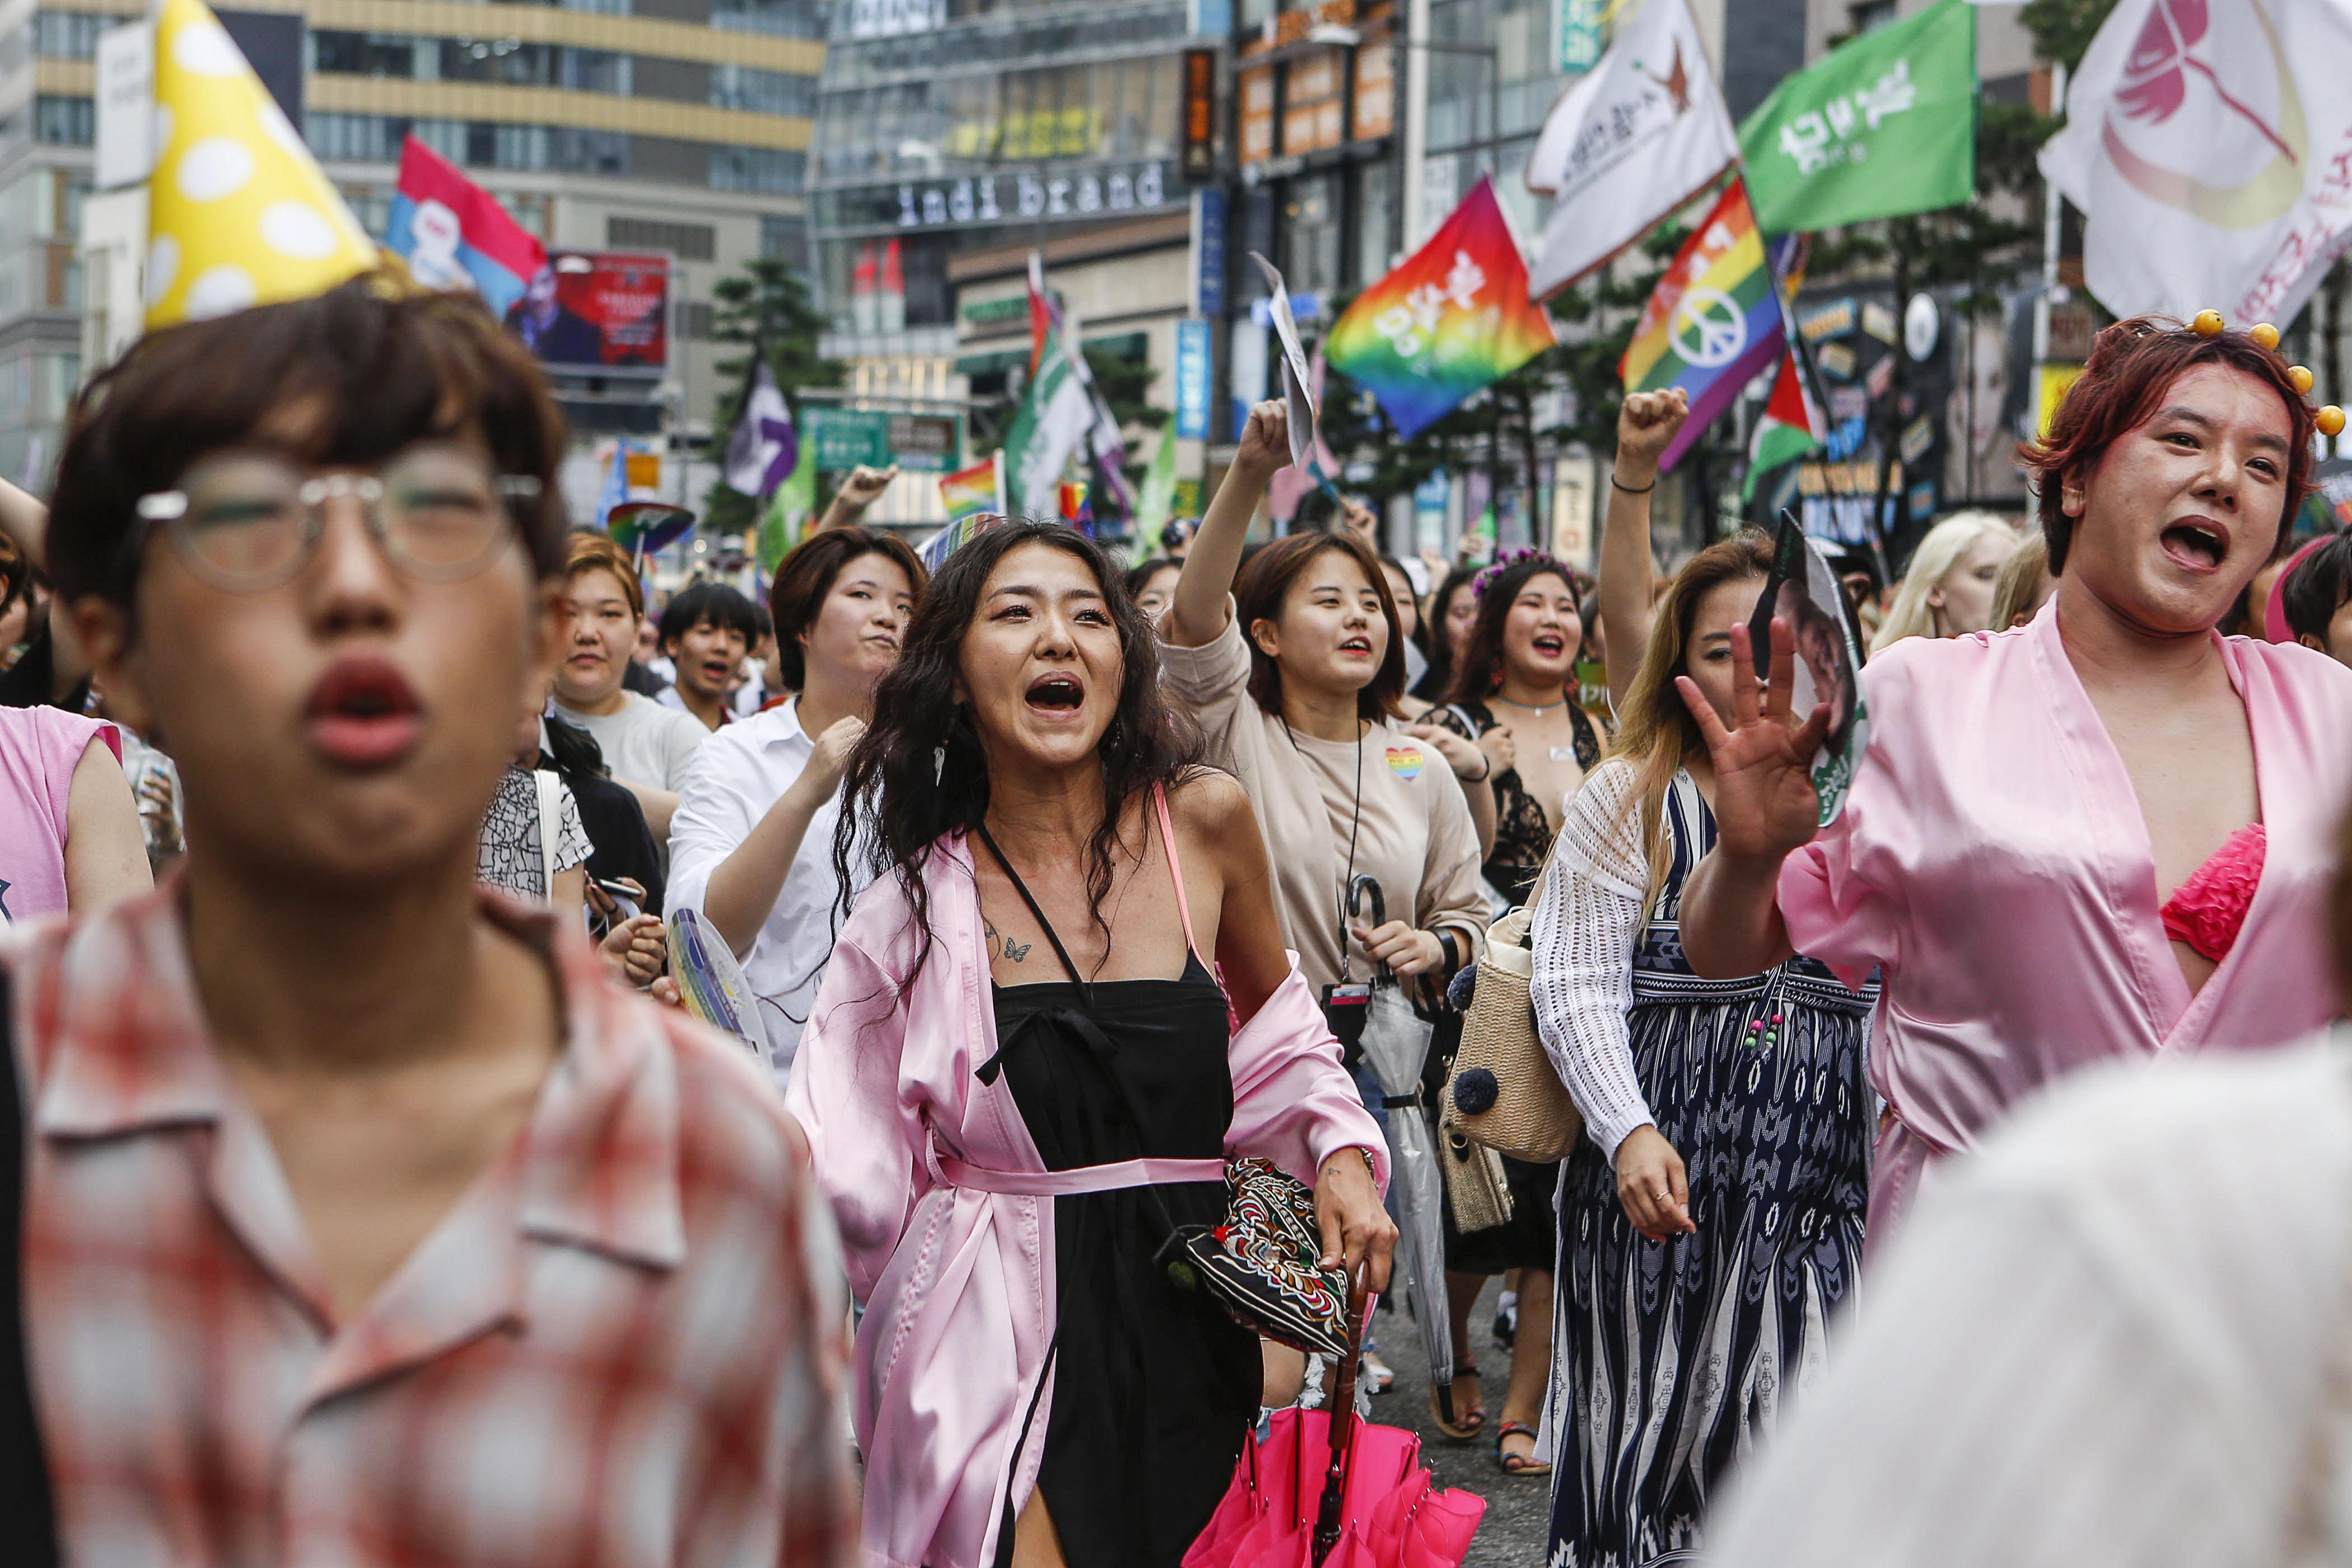 ▲▼南韓同性戀者、跨性別等性少數族群經常遭受歧視、霸凌。(圖/達志影像)